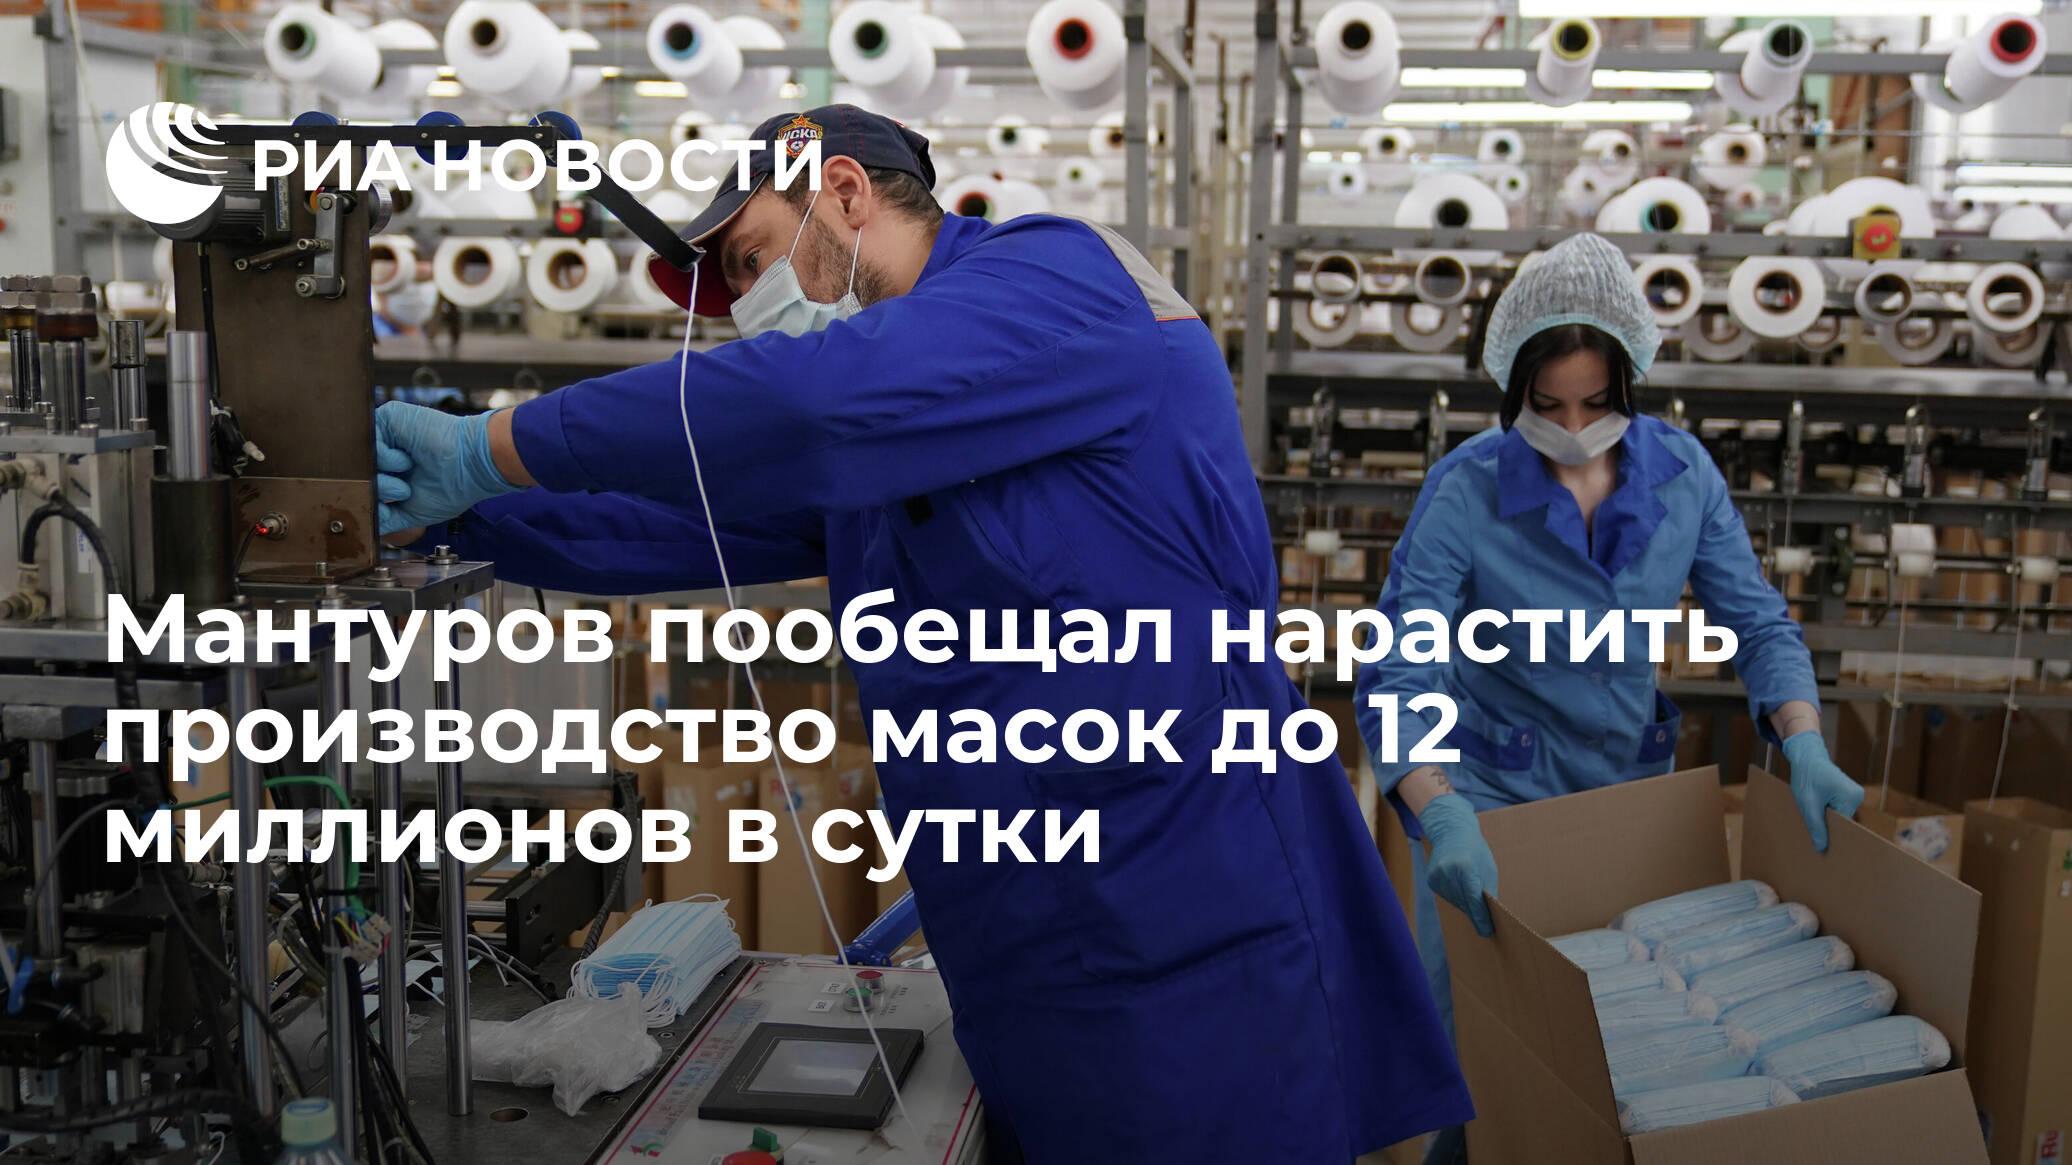 Мантуров пообещал нарастить производство масок до 12 миллионов в сутки